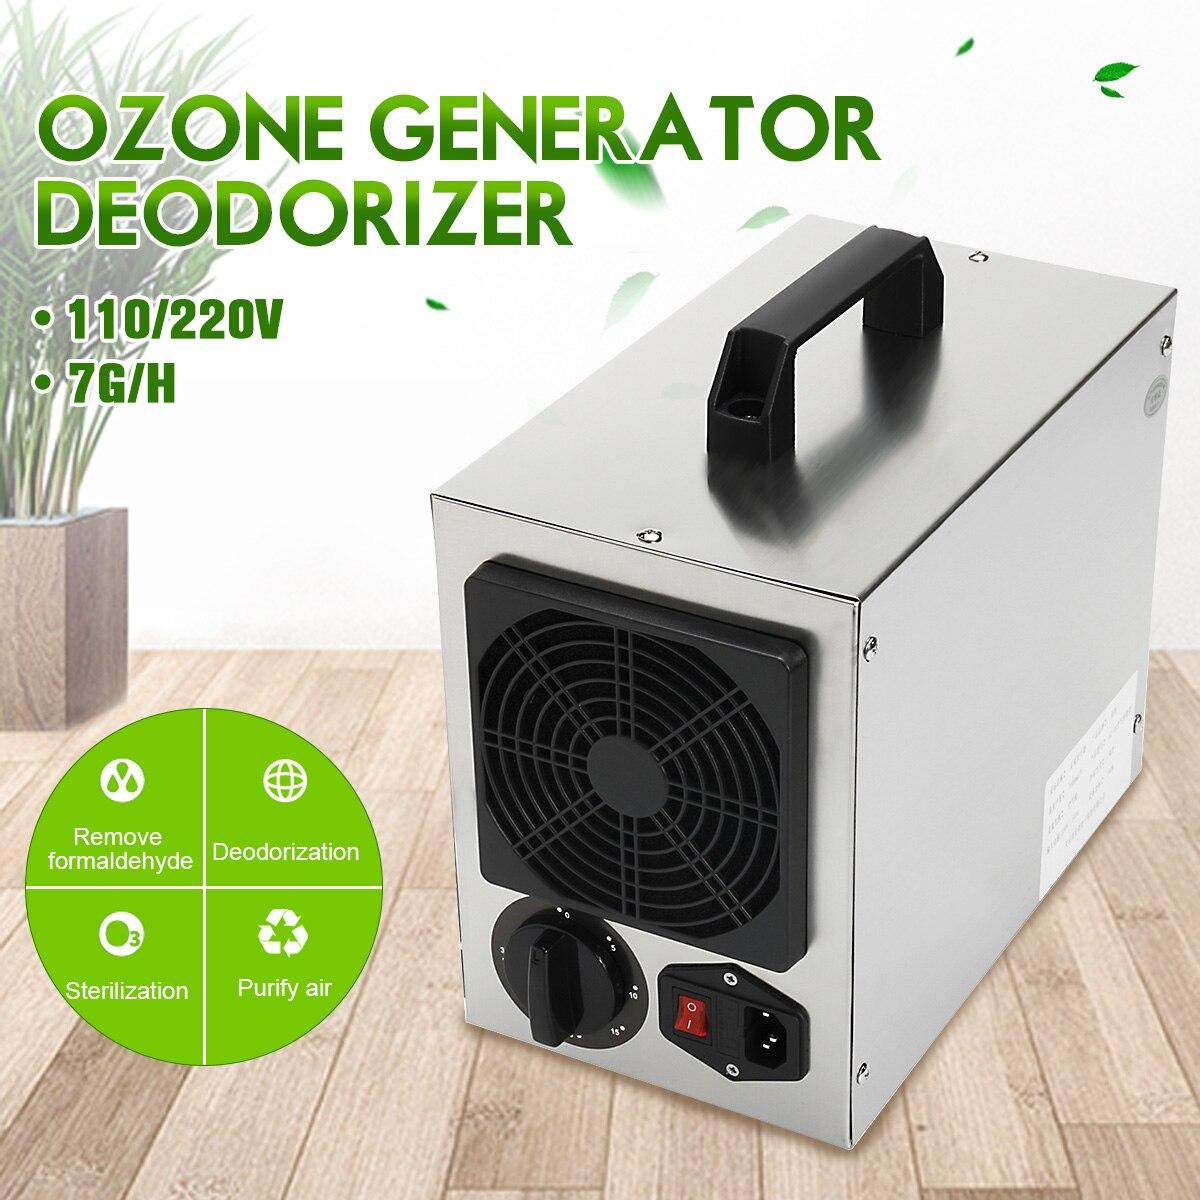 Casa Commerciale Generatore di Ozono 7 g/h O3 Purificatore D'aria Deodorante 220 v/110 Filtro Aria Per Ospedale Casa di Fabbrica AU Spina